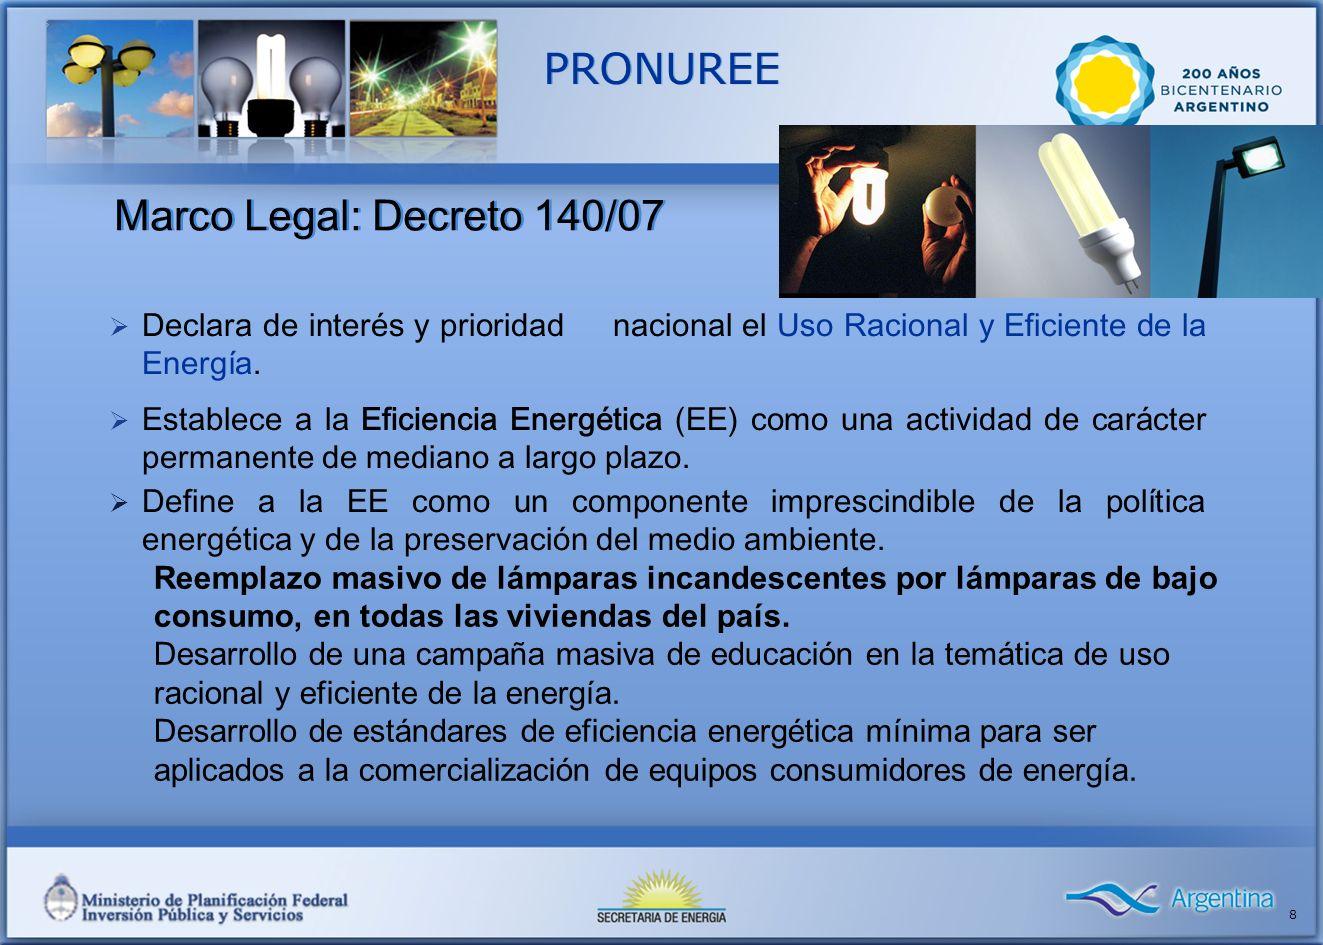 PRONUREE Marco Legal: Decreto 140/07. Declara de interés y prioridad nacional el Uso Racional y Eficiente de la Energía.